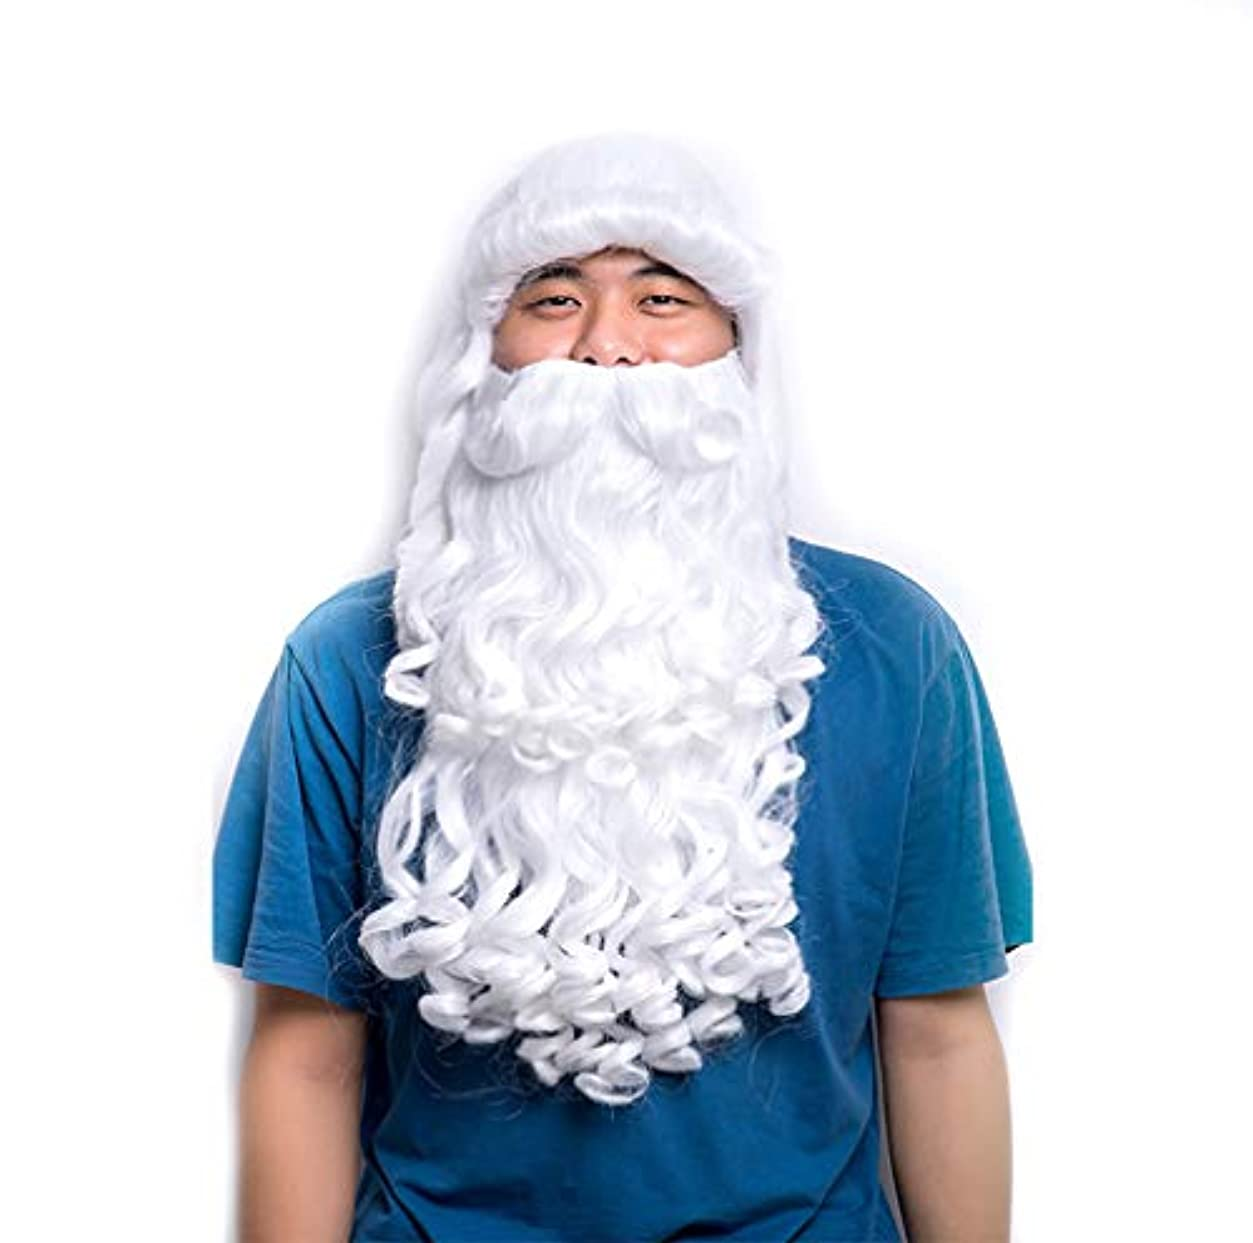 帳面フォルダスーツケース男性ウィッグ女性ウィッグクリスマスウィッグロング合成オンブルカーリー波状クリスマスハロウィンアニメコスプレパーティーコスチュームウィッグ